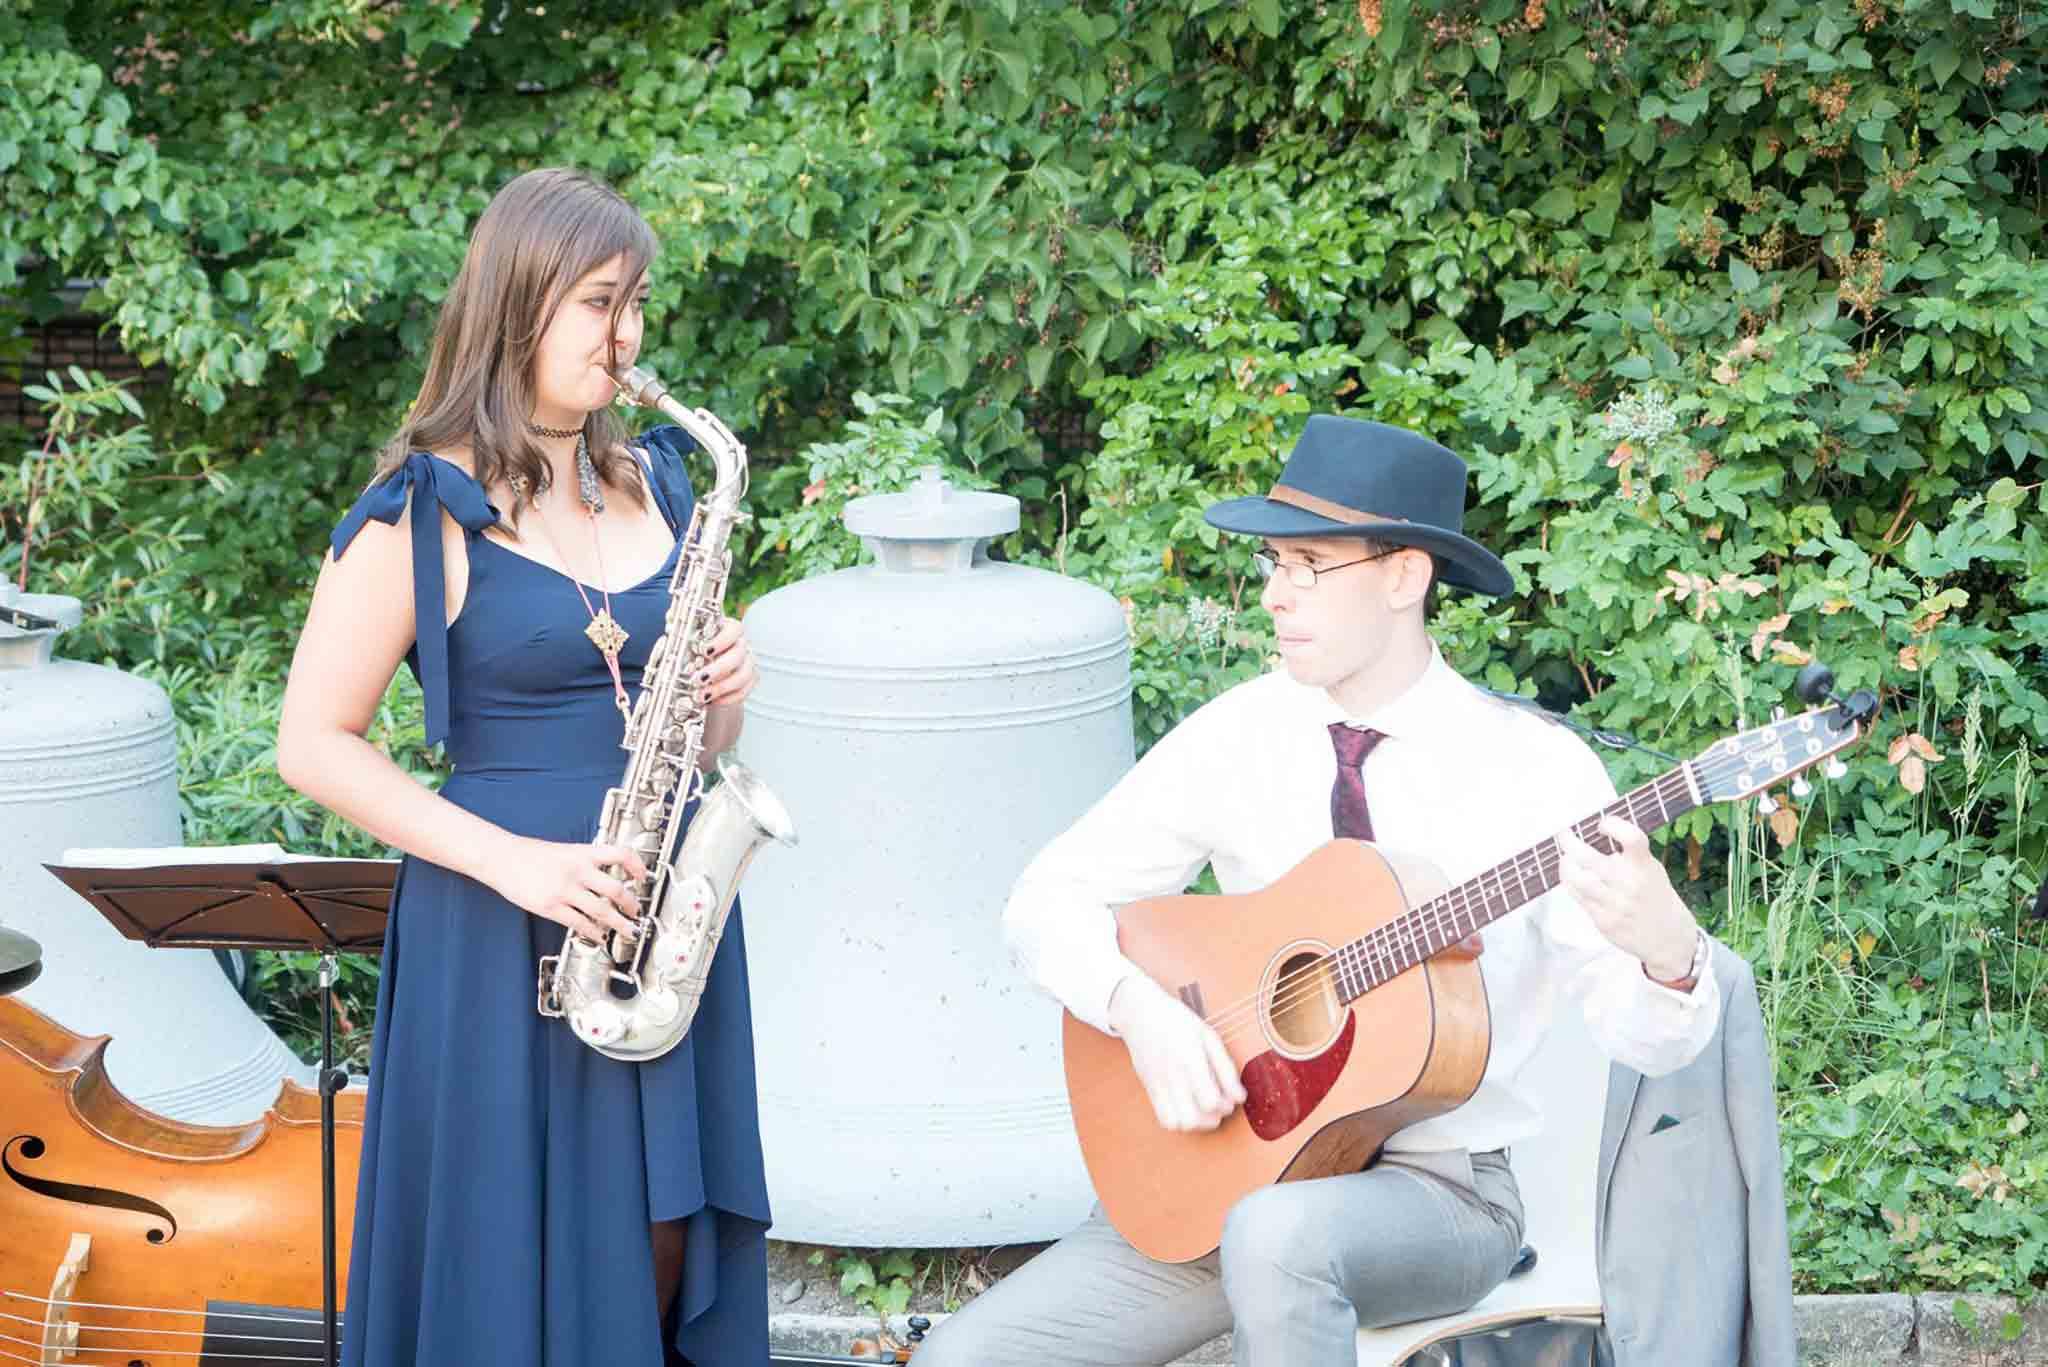 Die Saxophinstin Lina Peters und einen Gitarrist spielen Swingmusik auf einer Veranstaltung